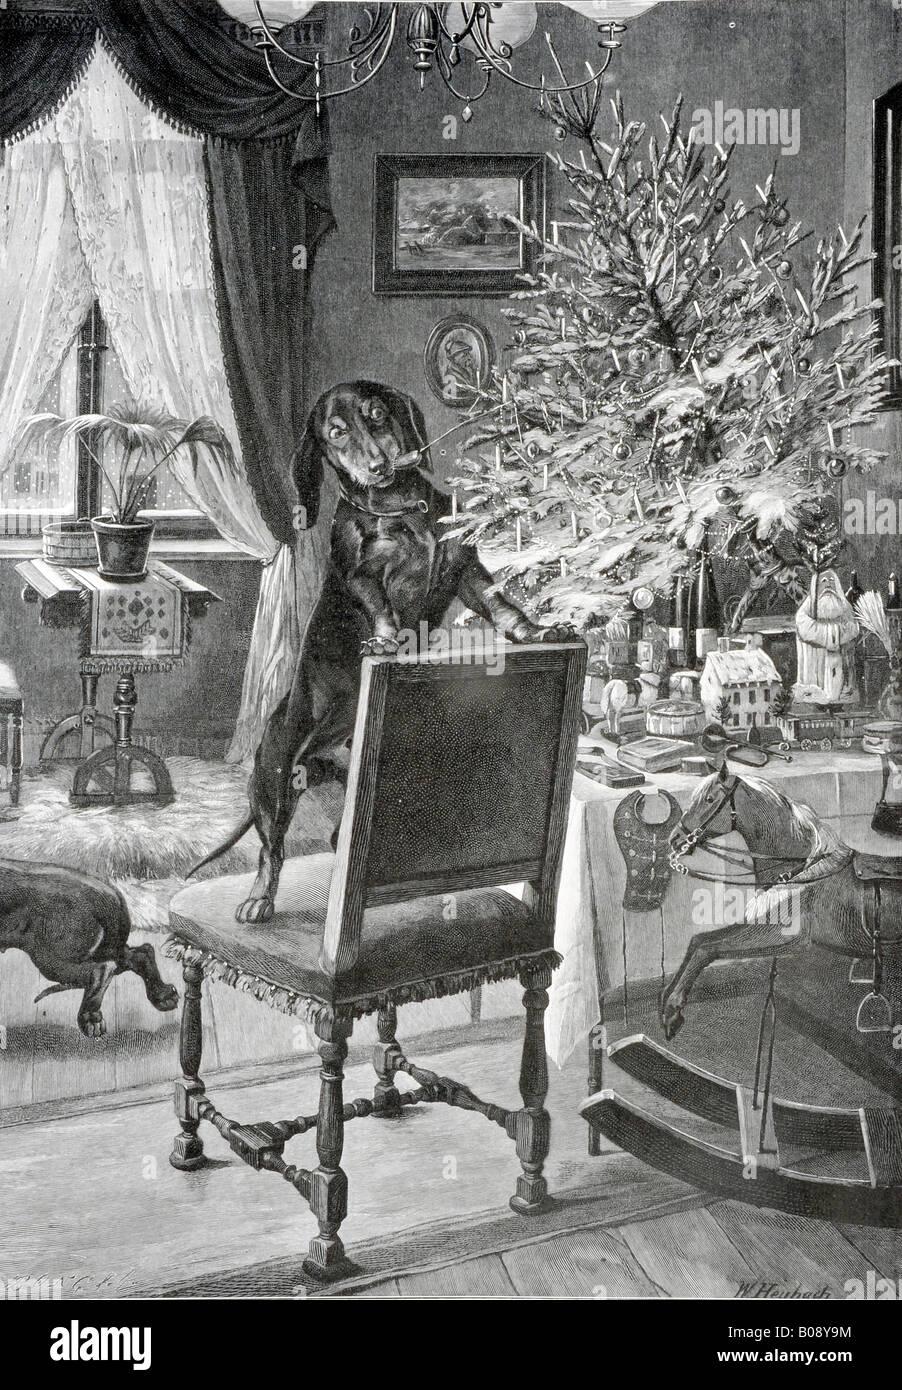 'Baumfrevel, ' woodcut from 'Moderne Kunst in Meisterholzschnitten' 1903 - Stock Image